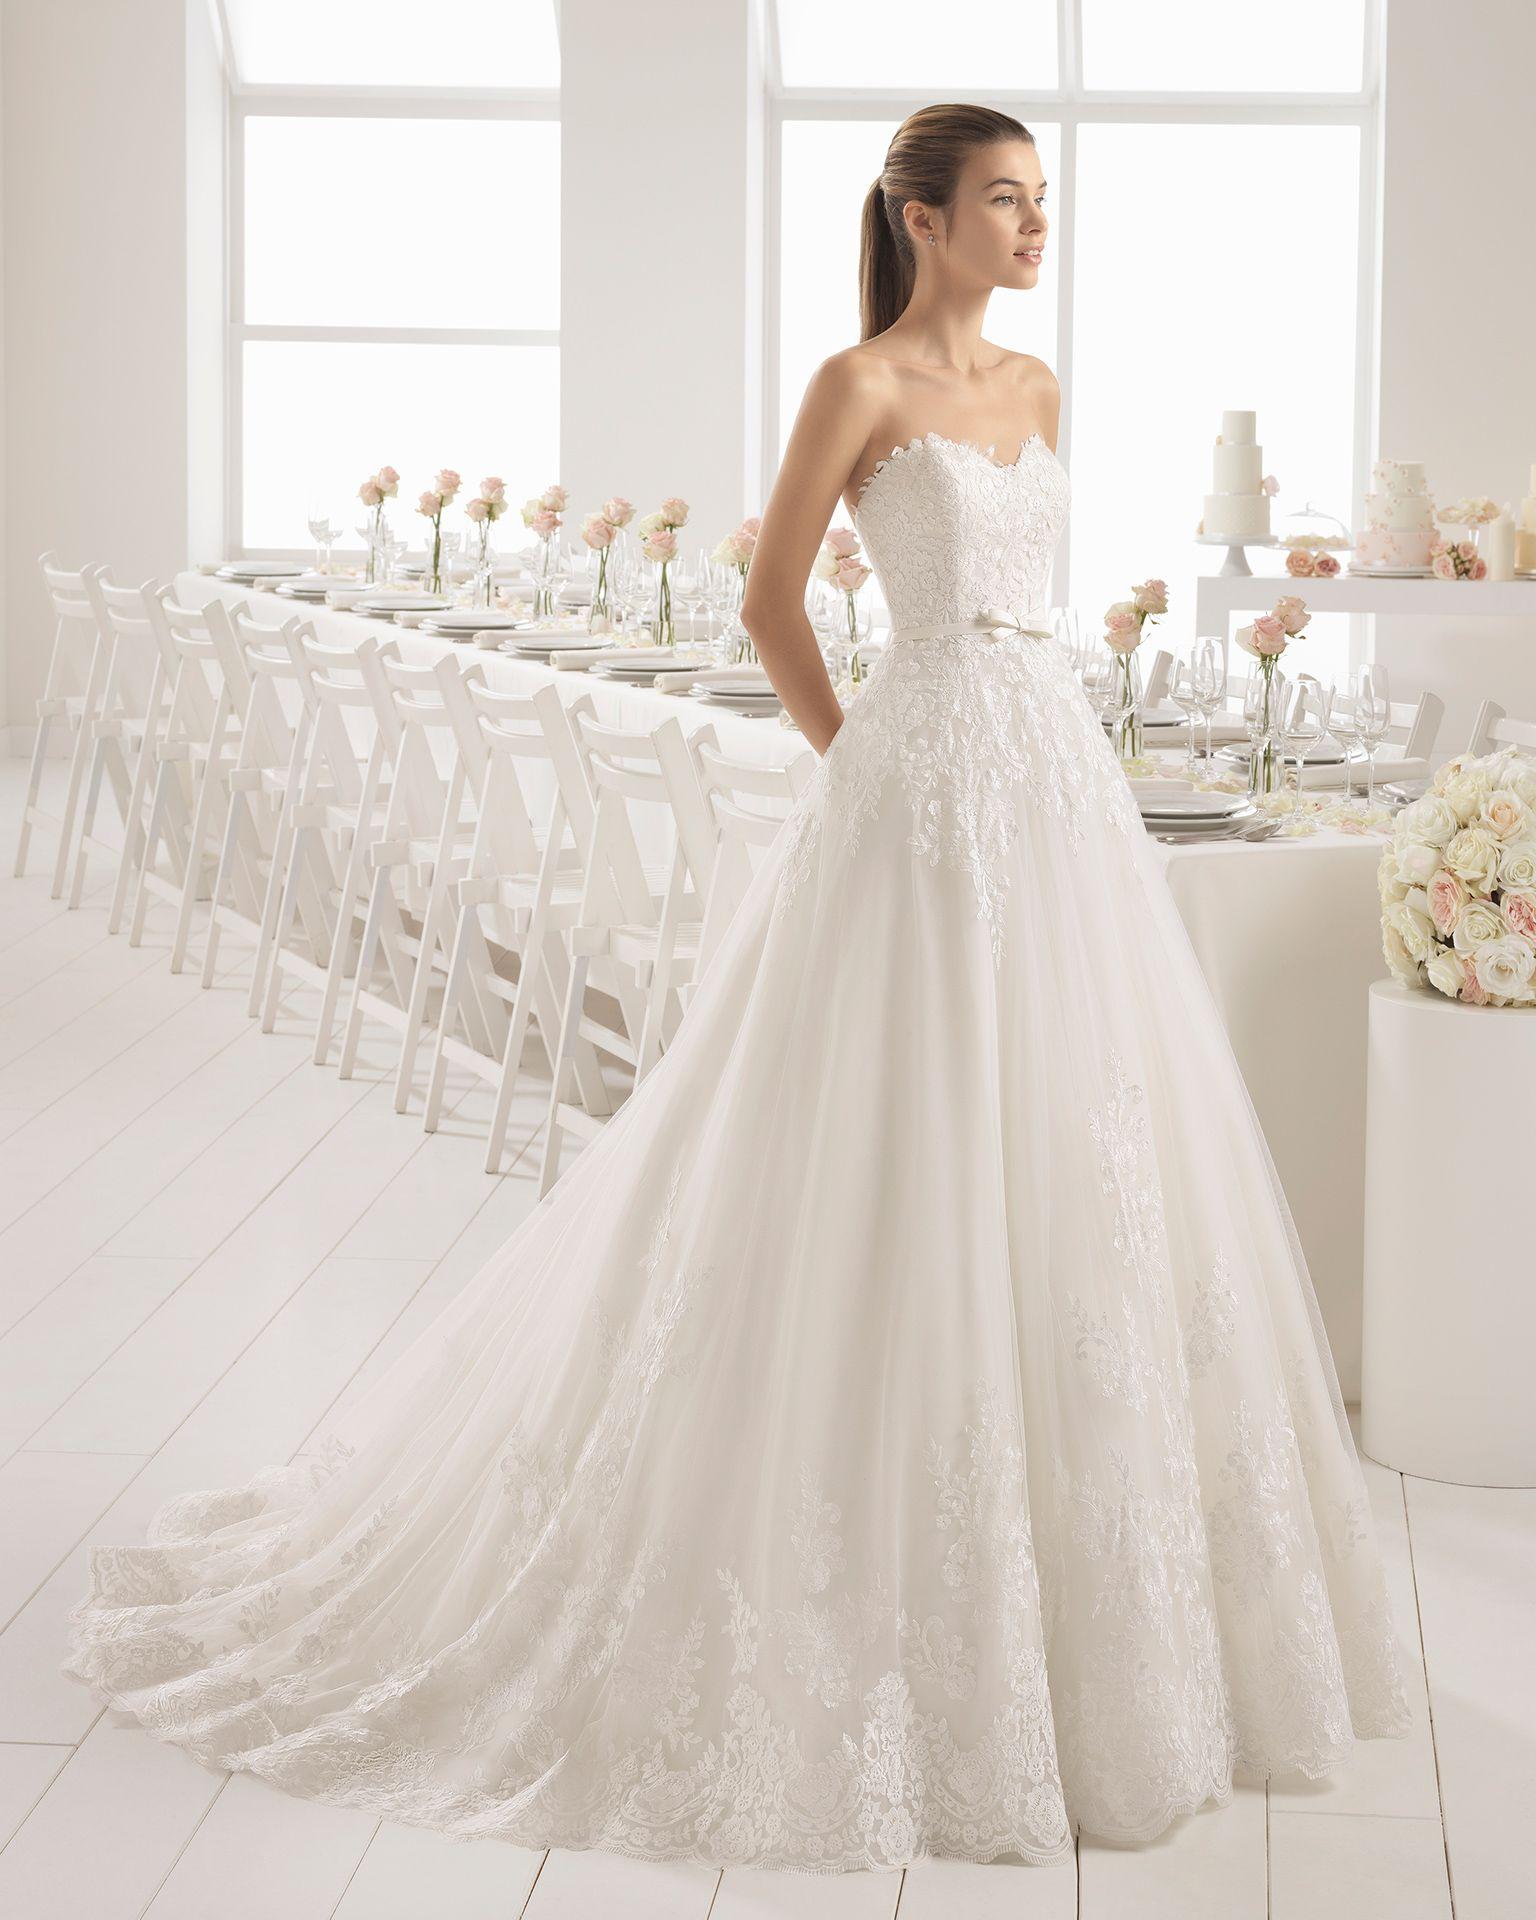 599eeee6 Vestido de novia estilo romántico en encaje con escote corazón con lazo en  la cintura.